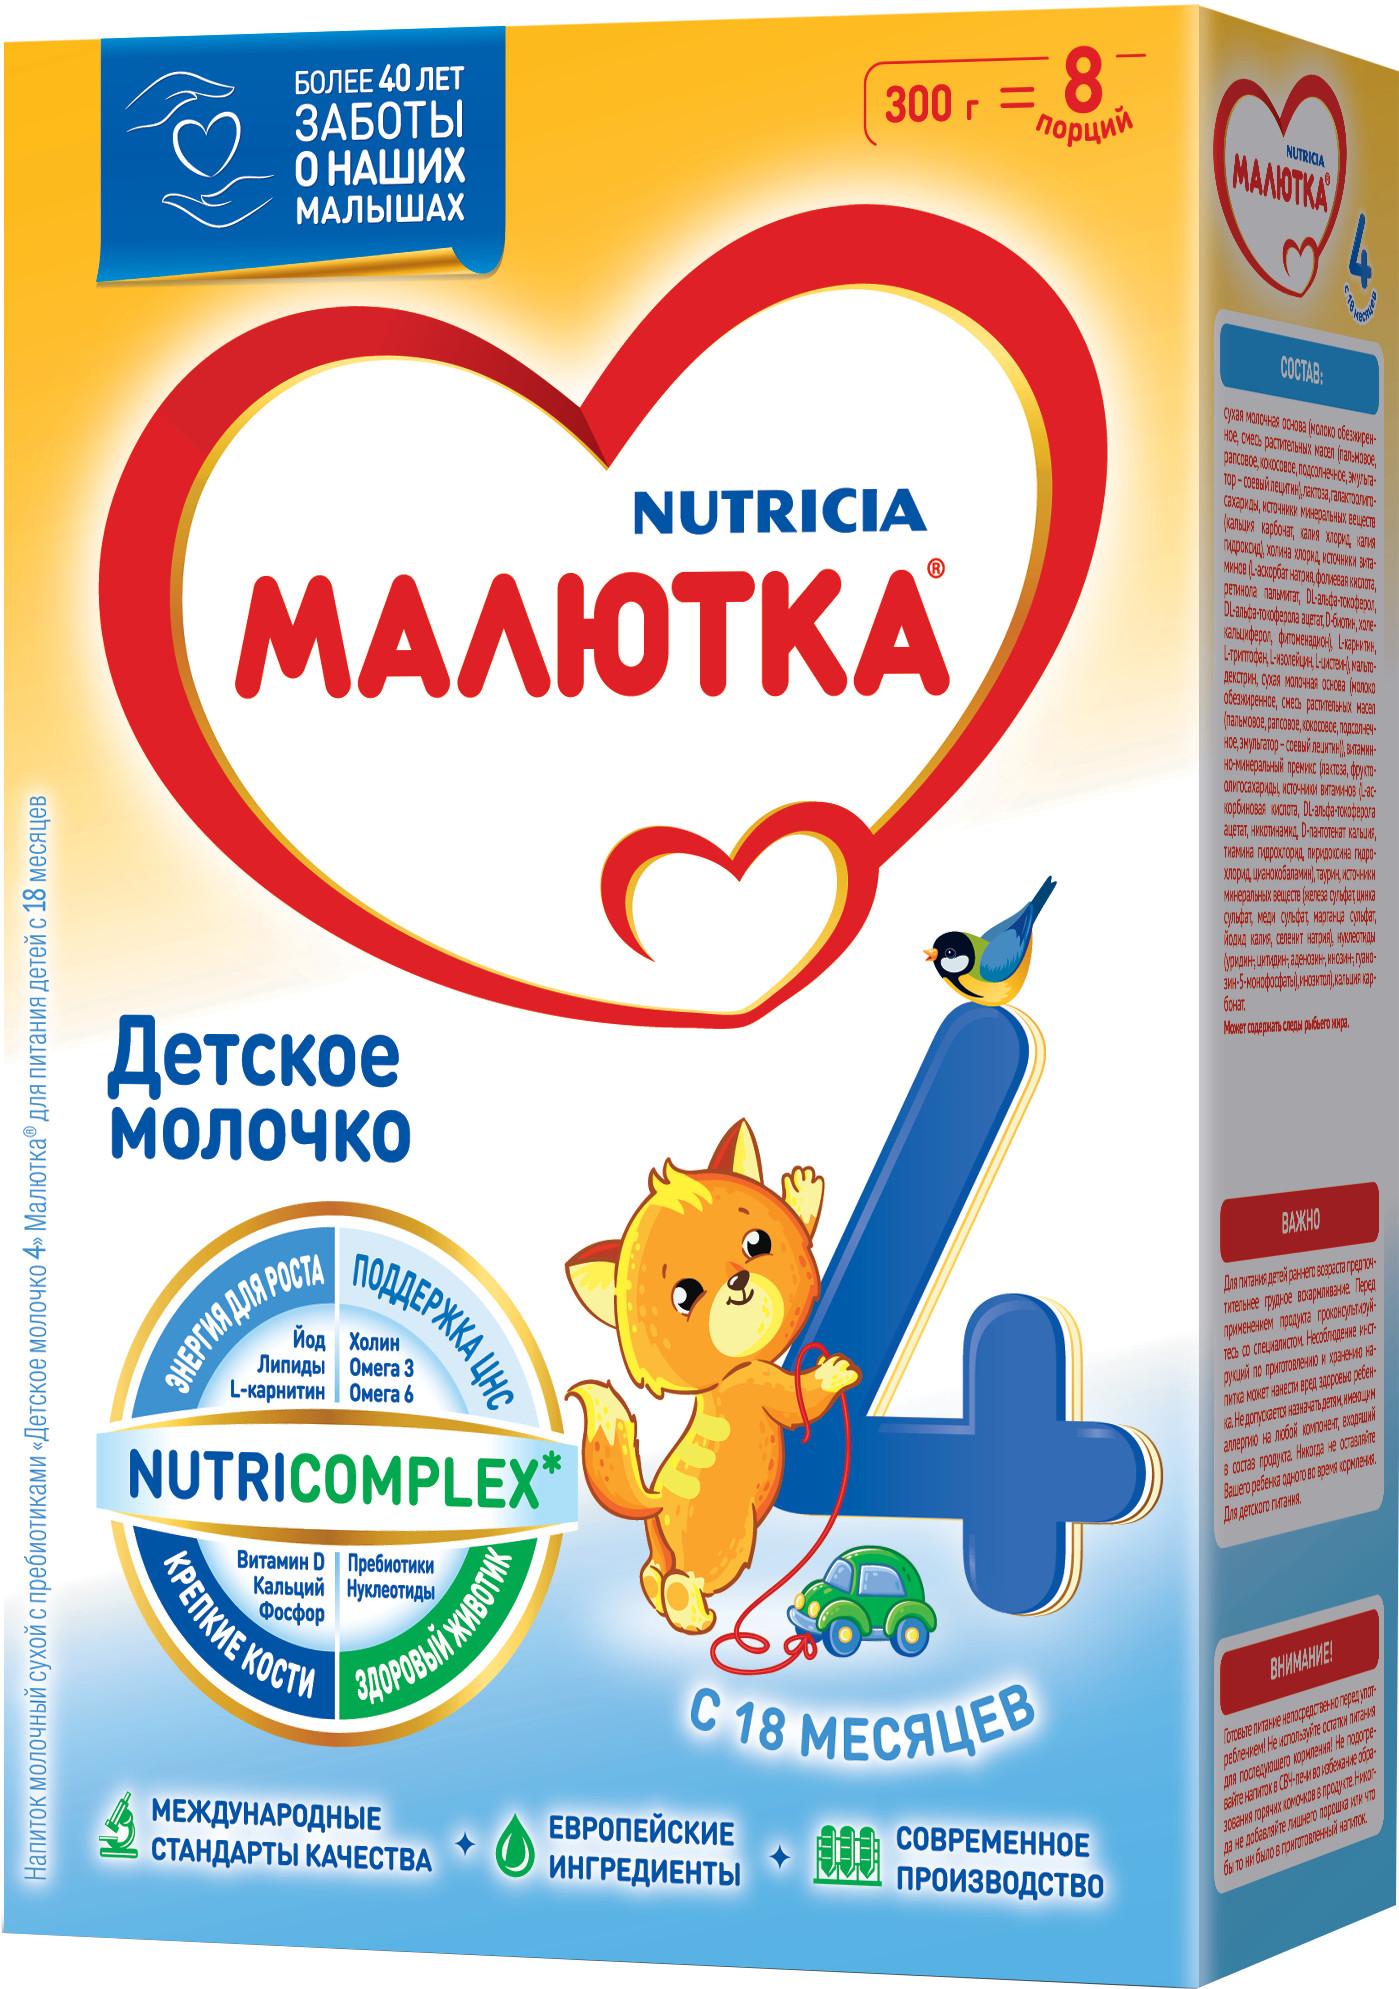 Сухие Малютка Детское молочко Малютка 4 с 18 мес. 300 г детское молочко малютка 4 с 18 мес 600 г